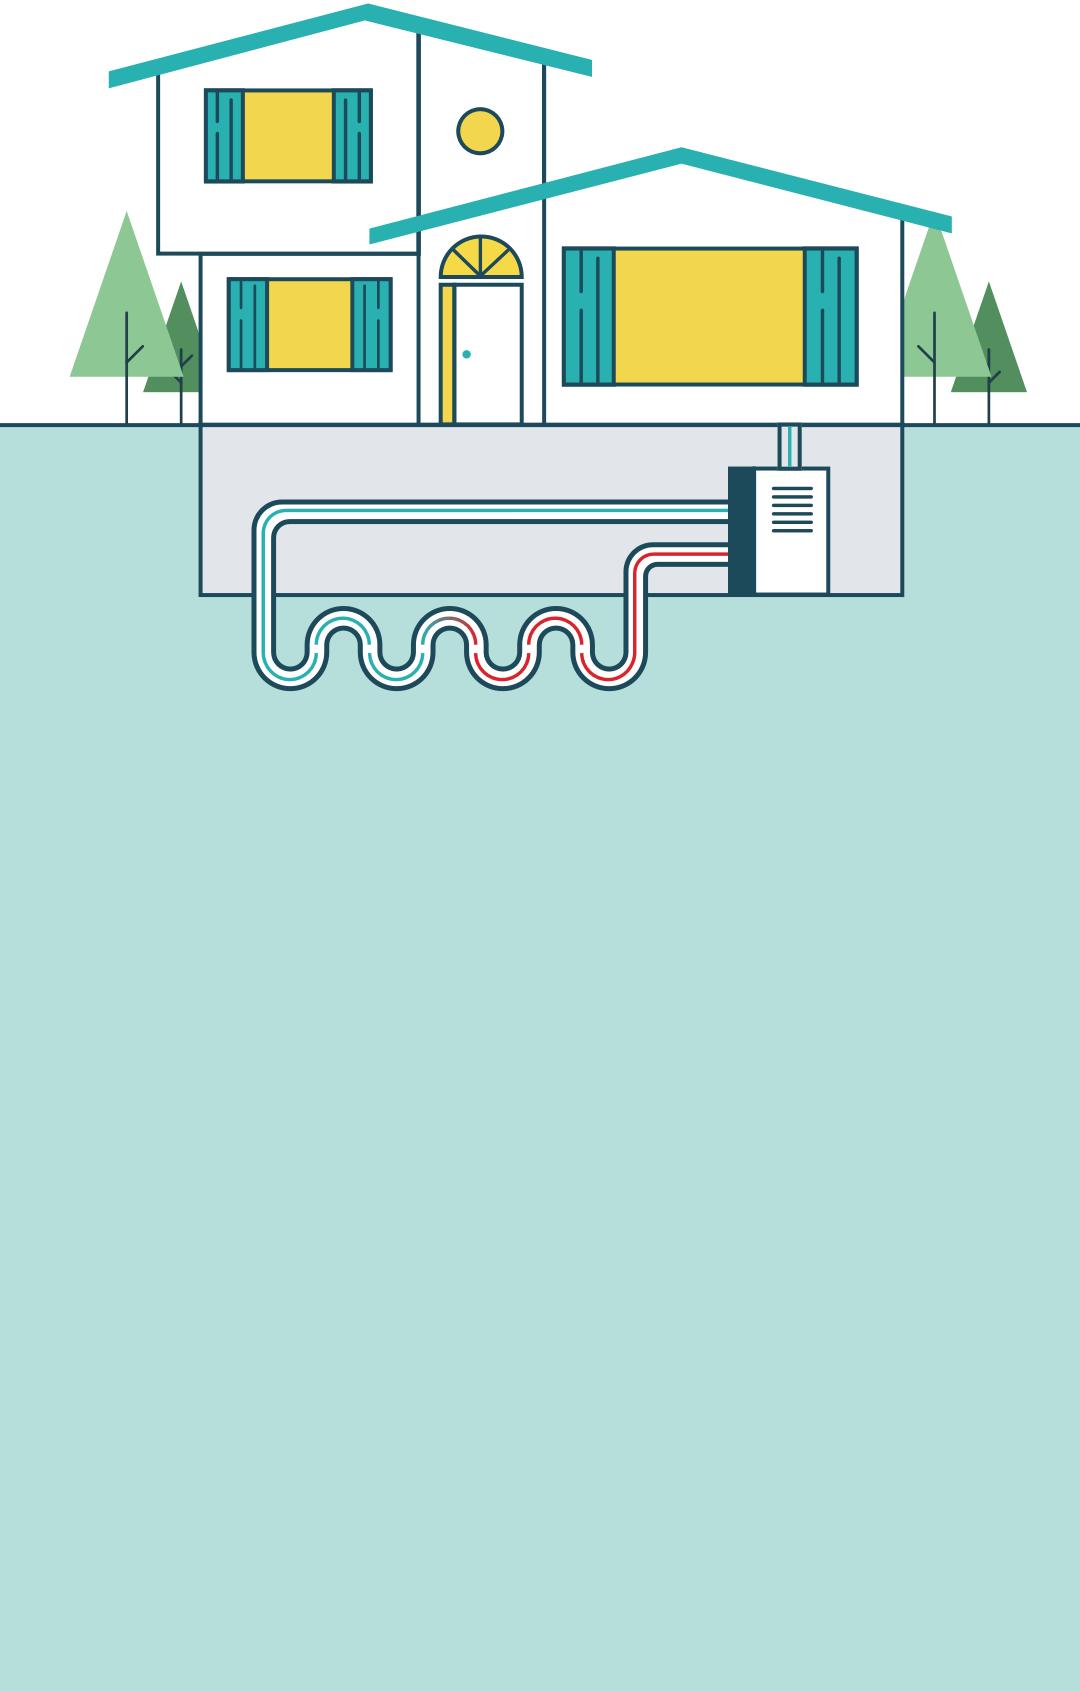 Conventional HVAC